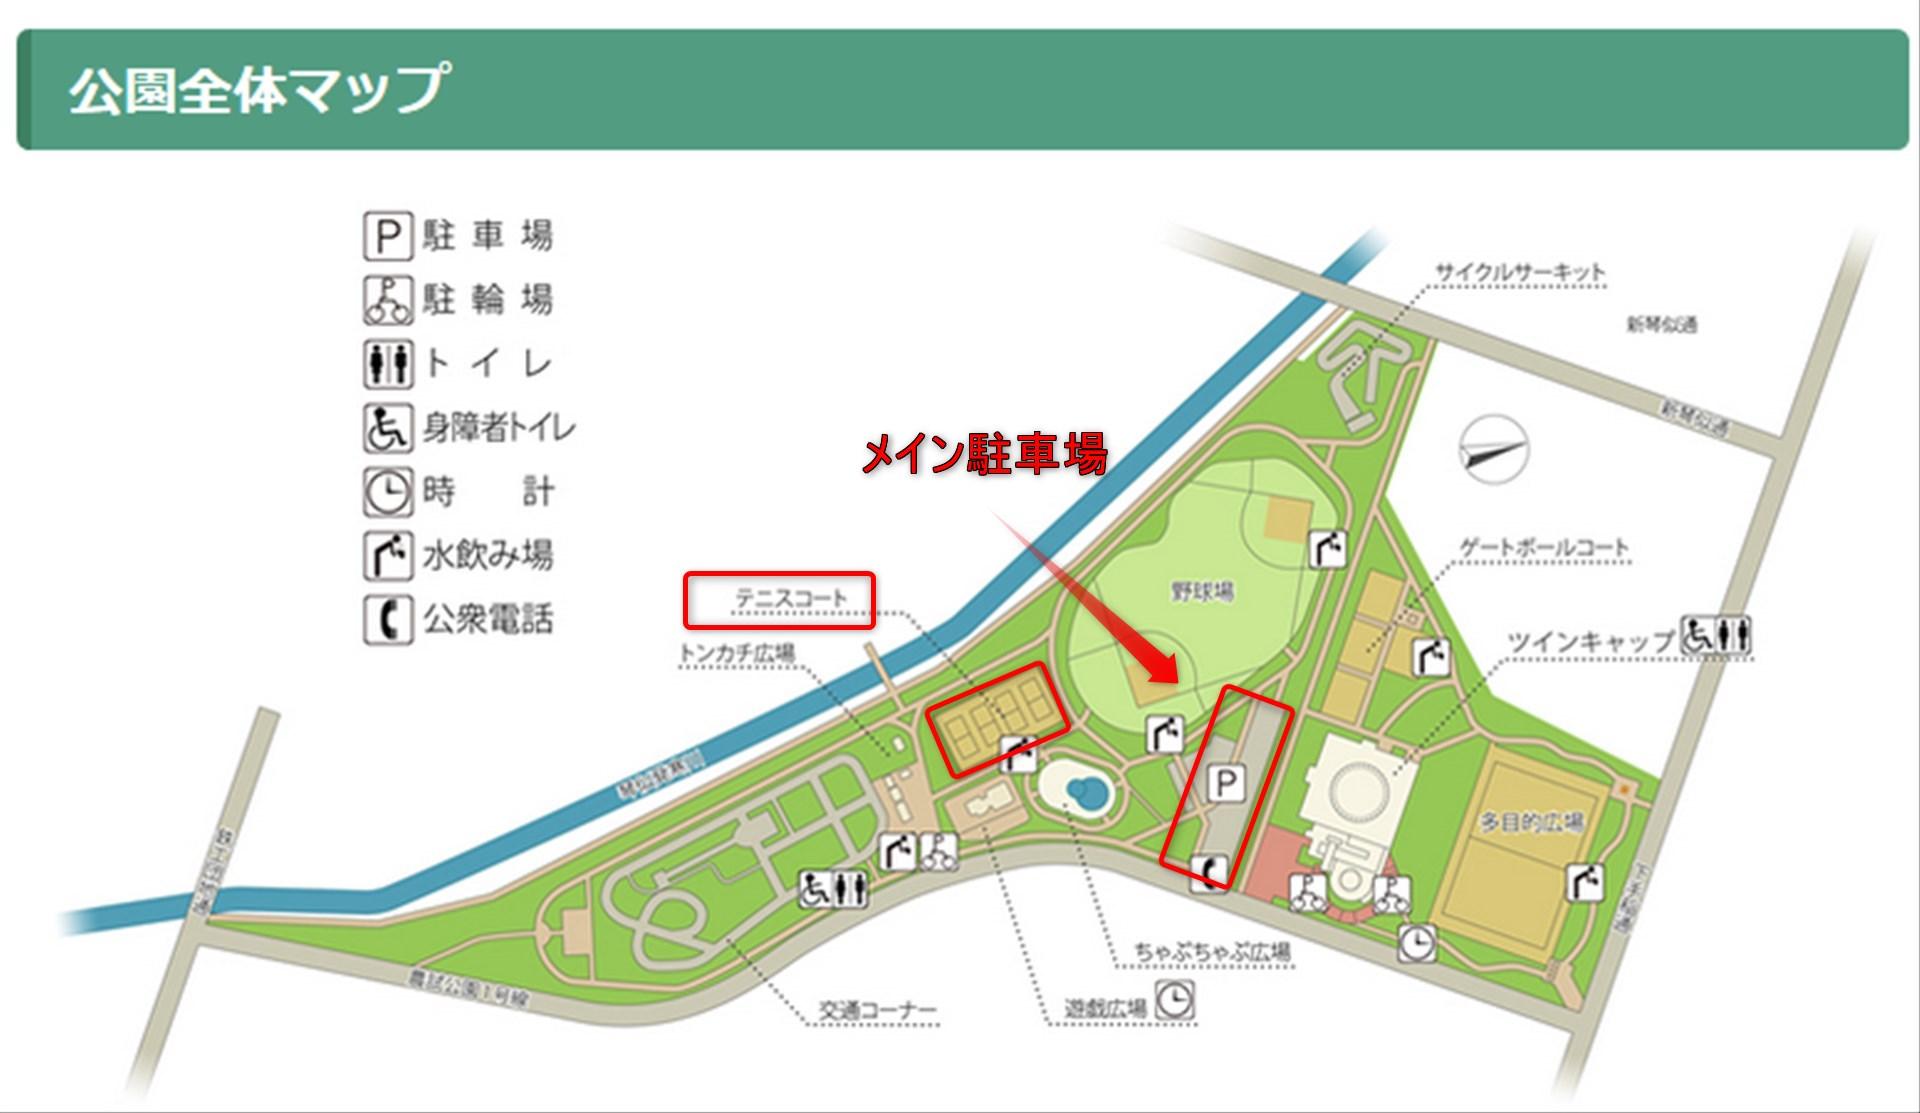 農試公園 マップ